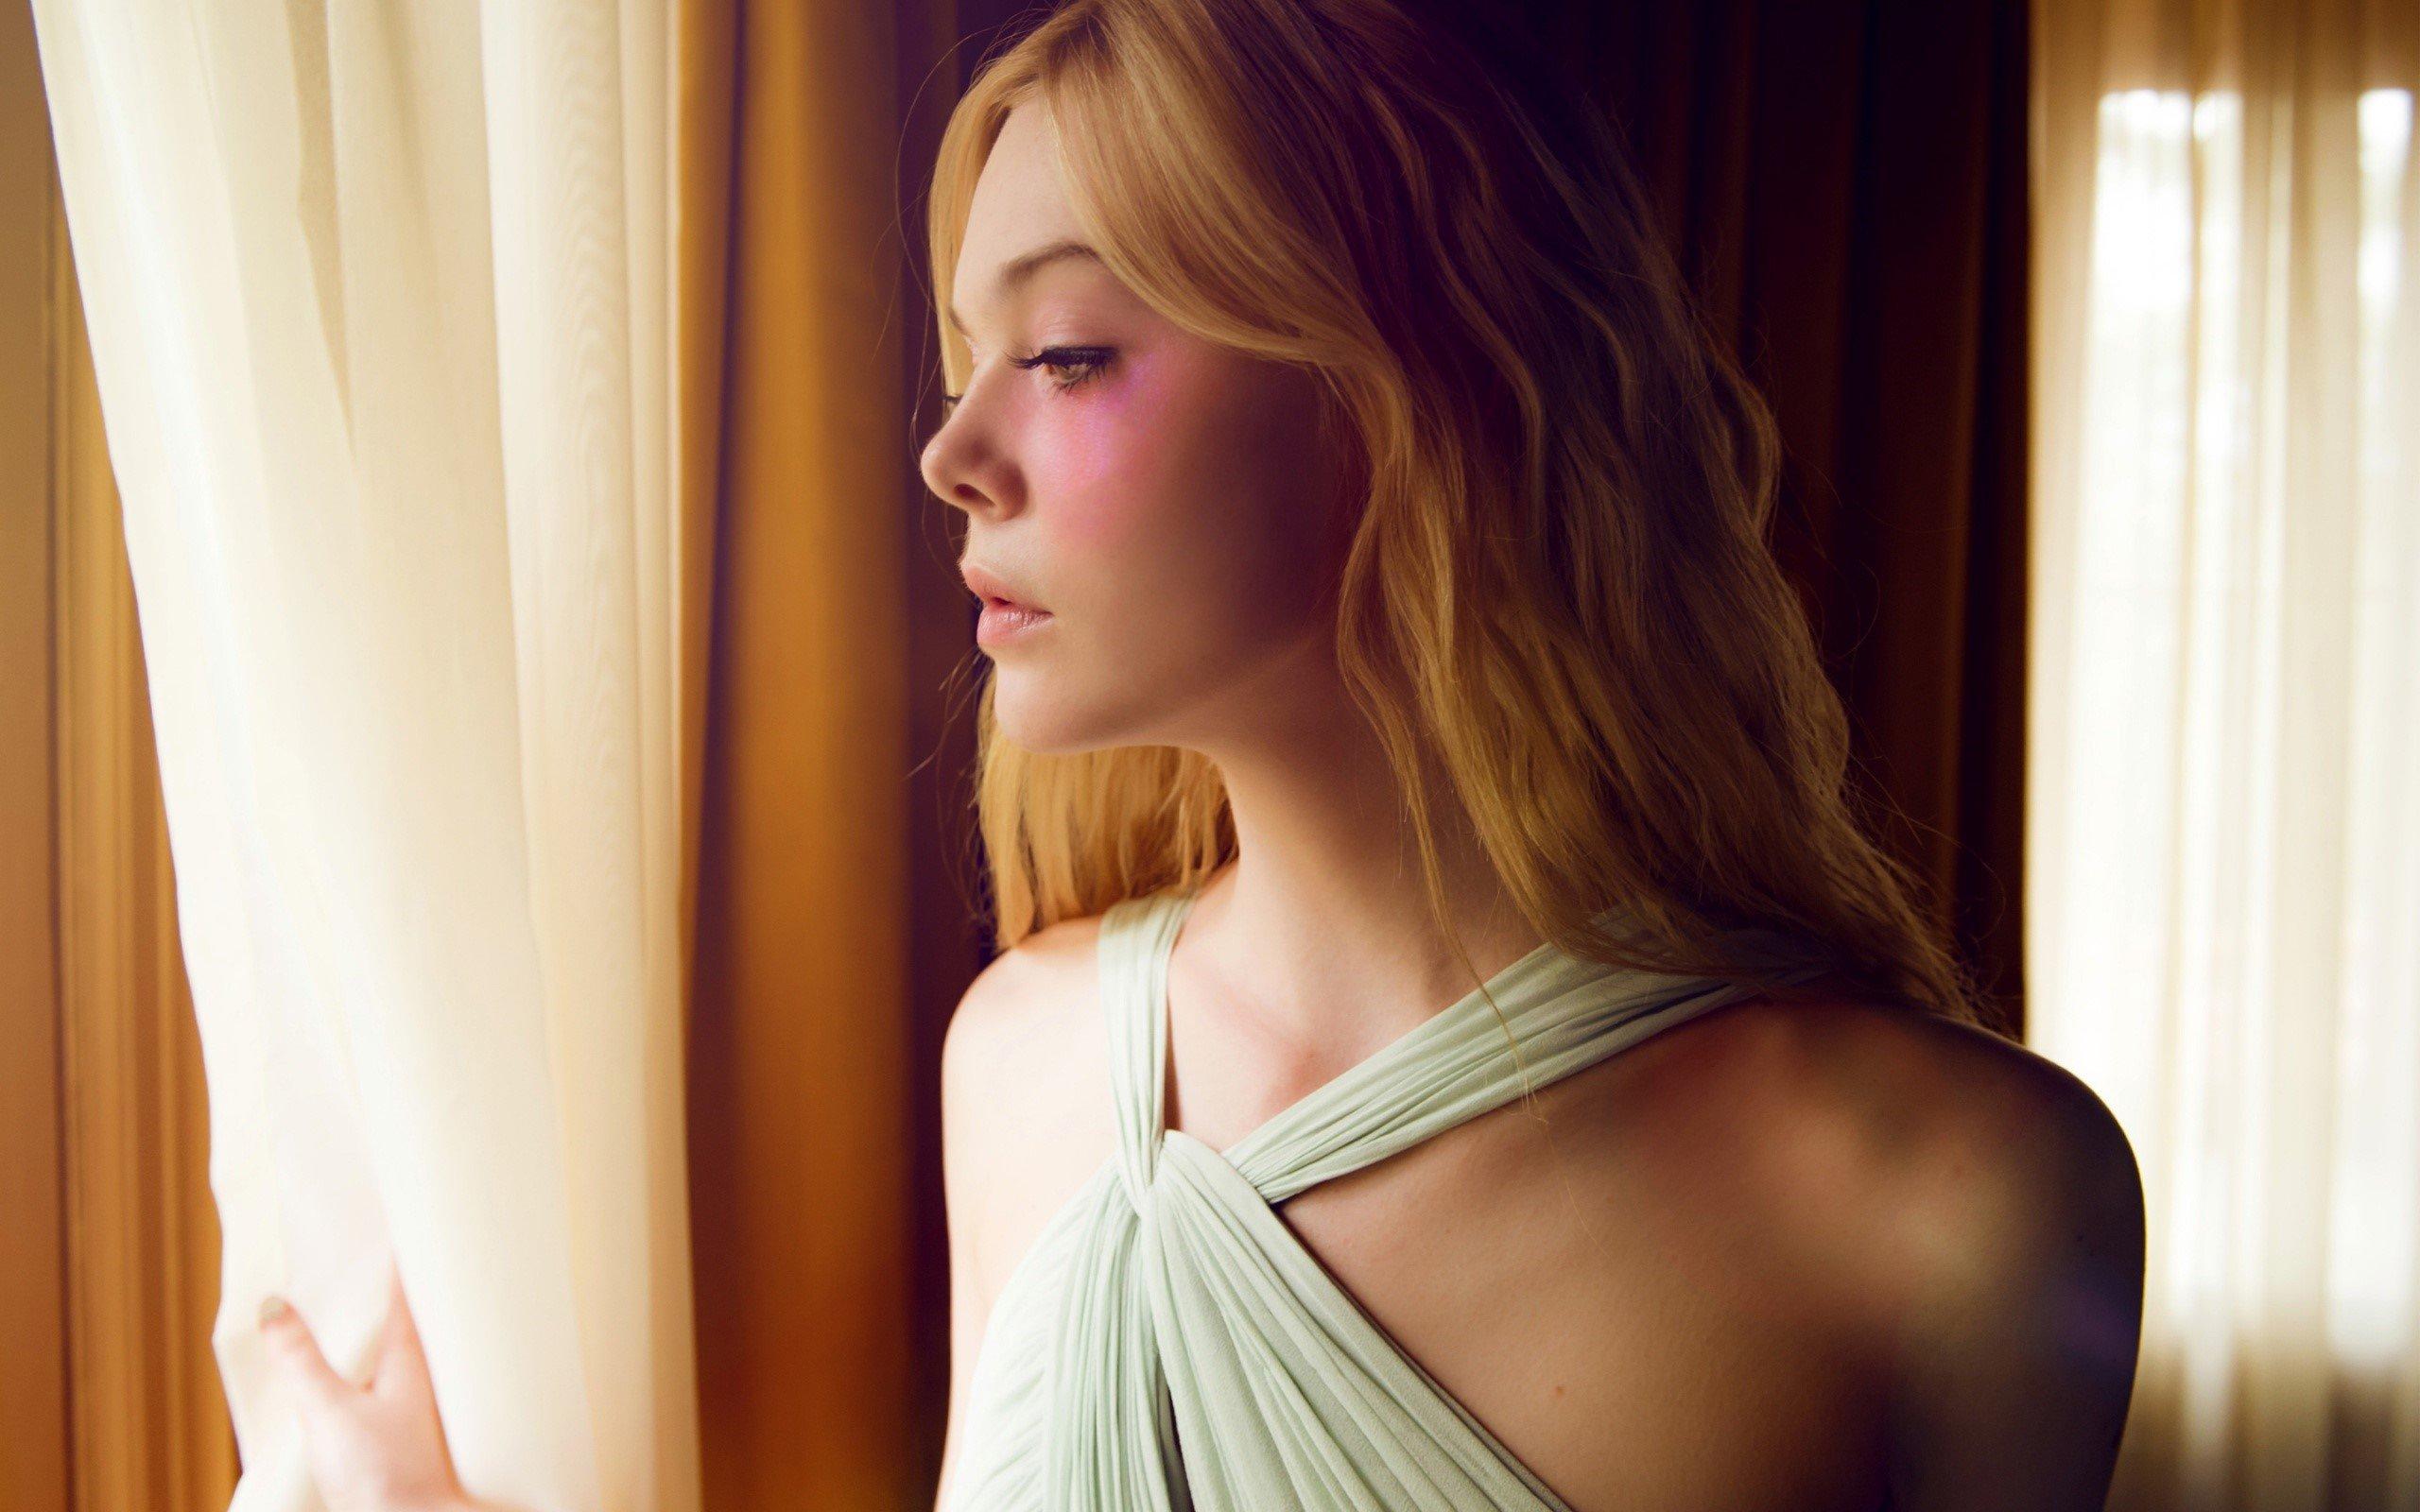 Fondo de pantalla de Elle Fanning en The Neon Demon Imágenes